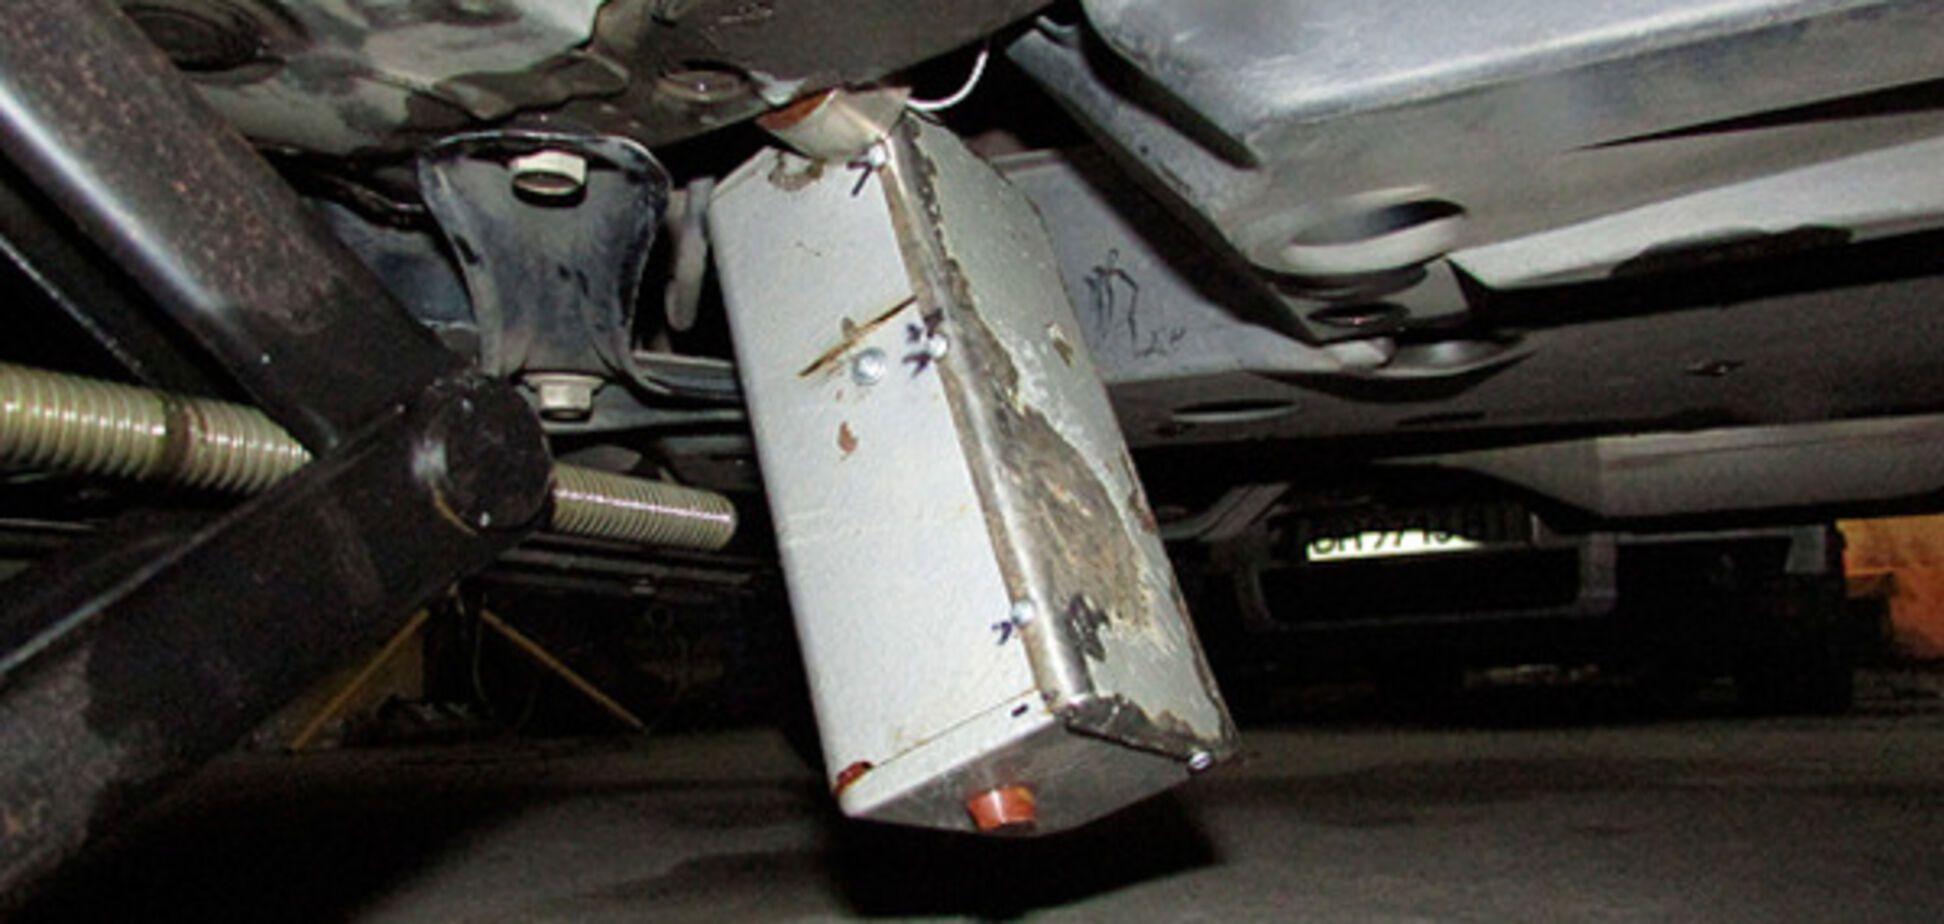 Взрывчатка в машине